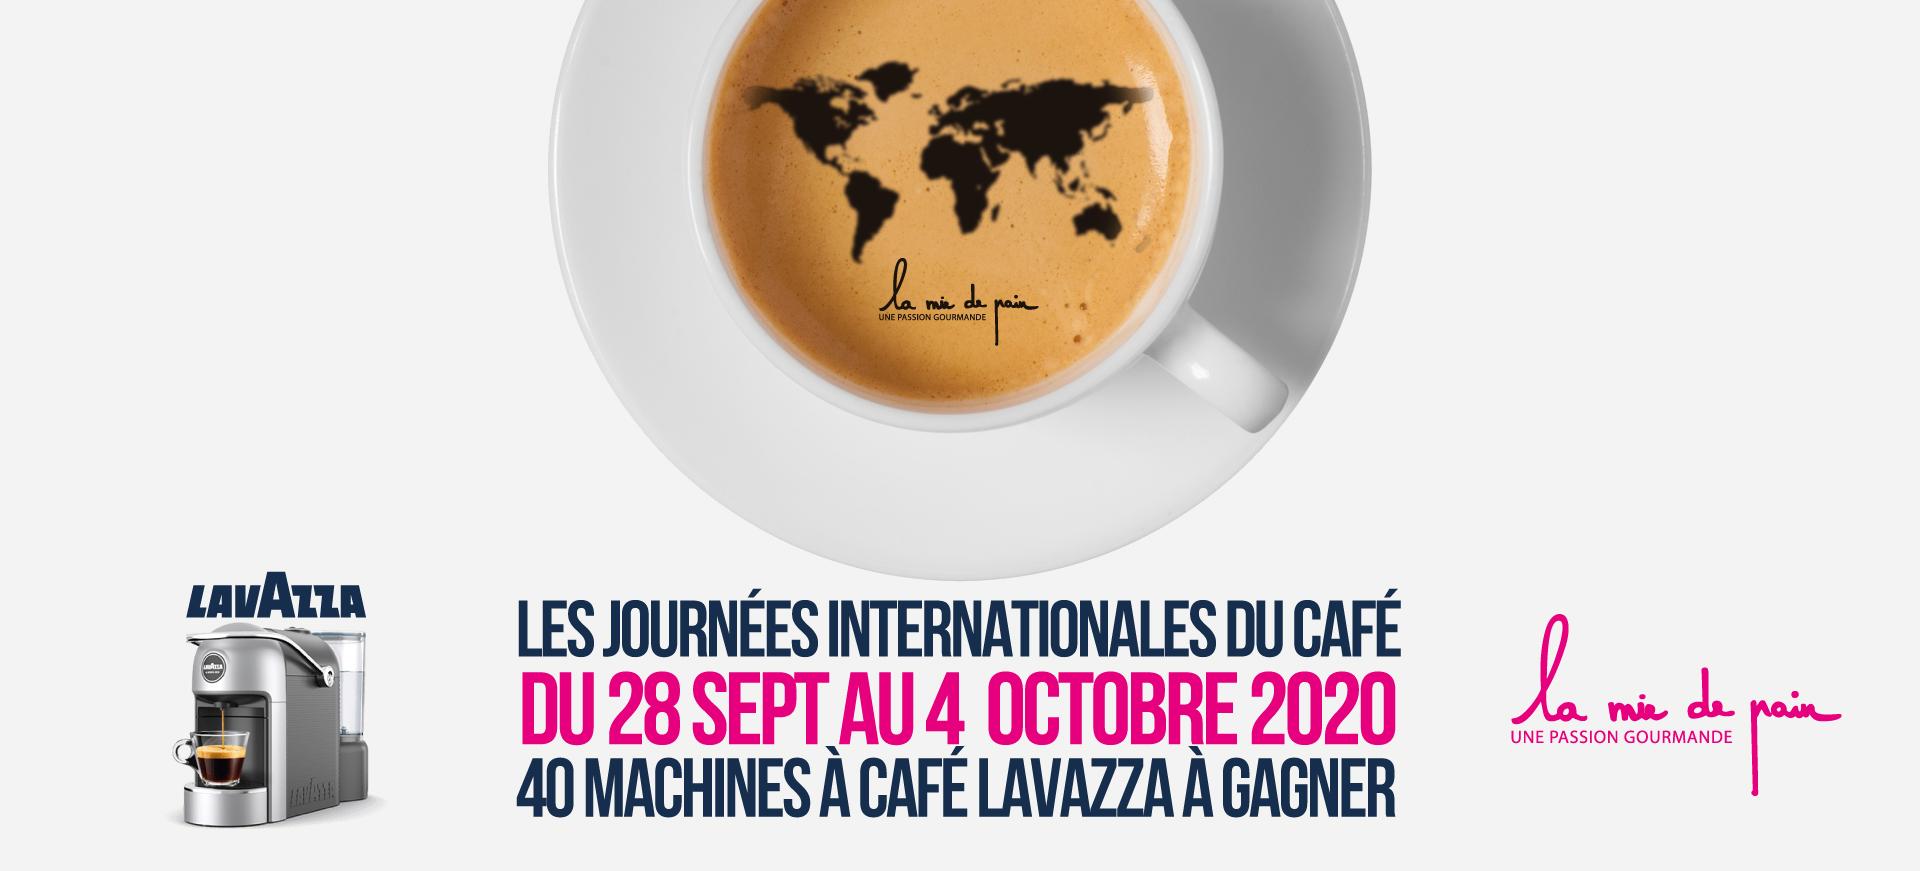 accueil-site--internet-la-mie-de-pain-1920x871px-journee-internationale-du-café-la-mie-de-pain---28-sept-4oct-2020